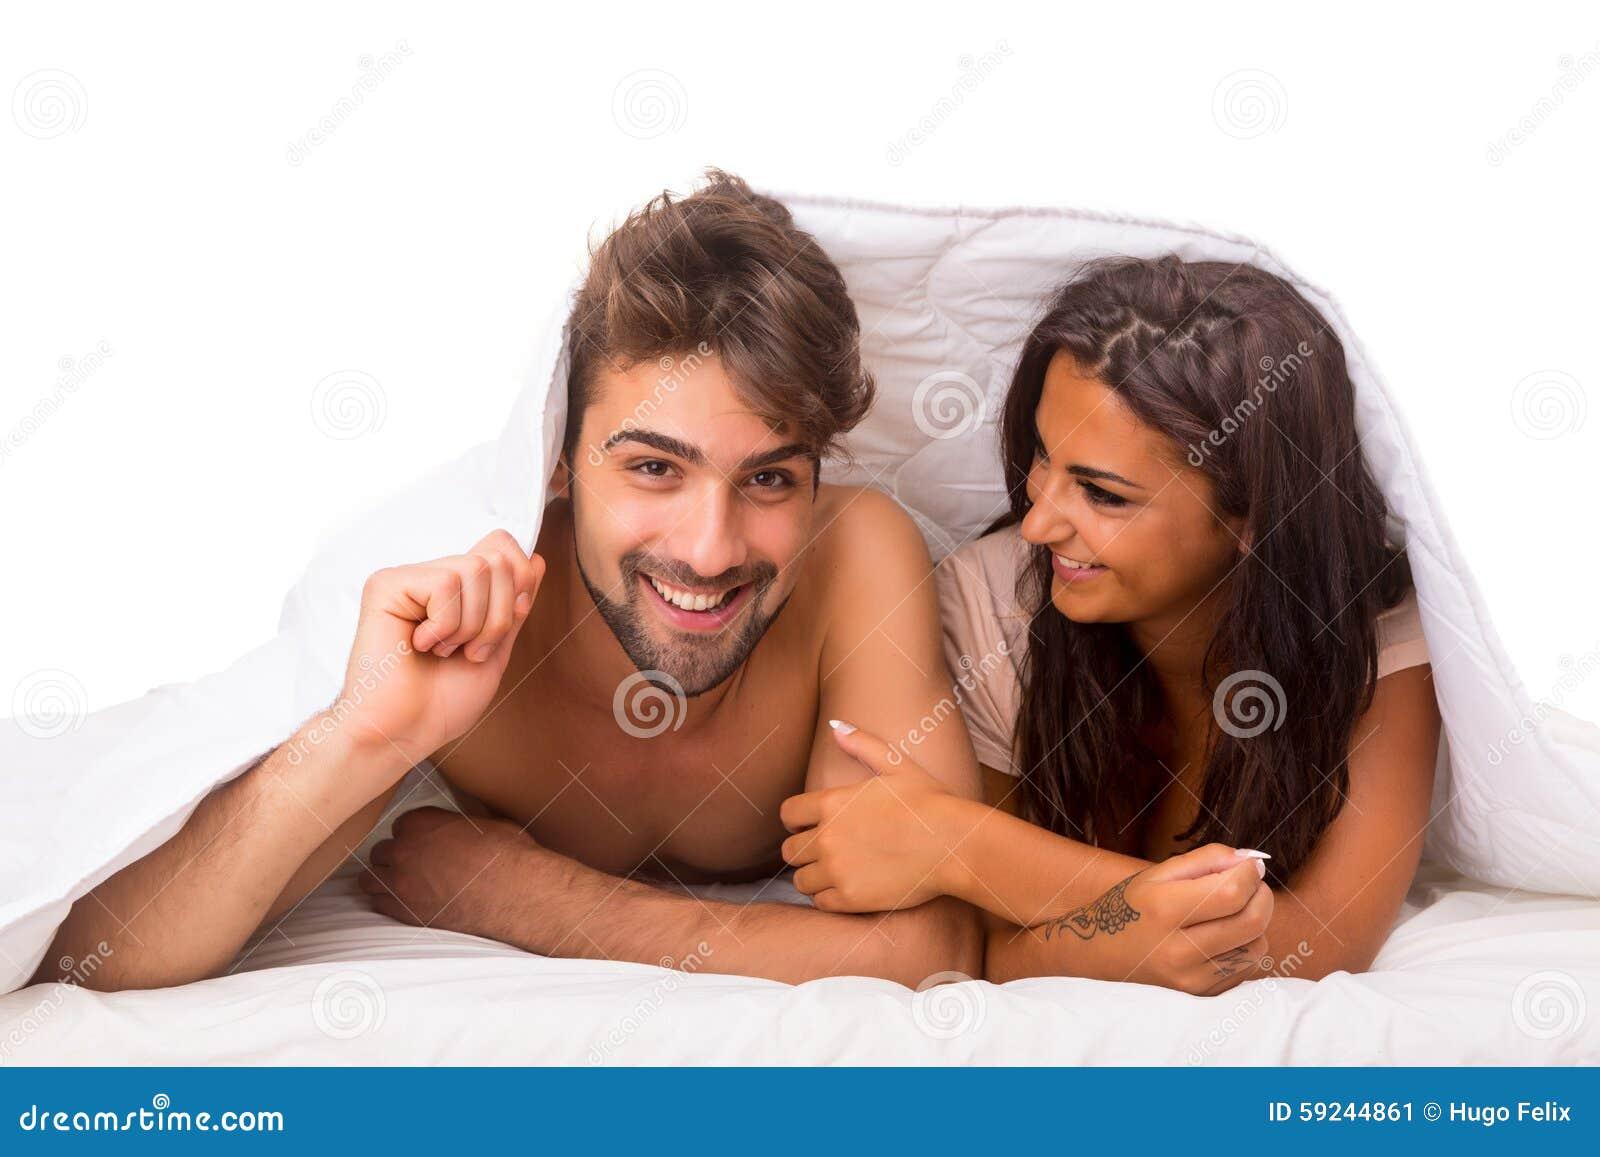 Download Pares en cama imagen de archivo. Imagen de belleza, hembra - 59244861